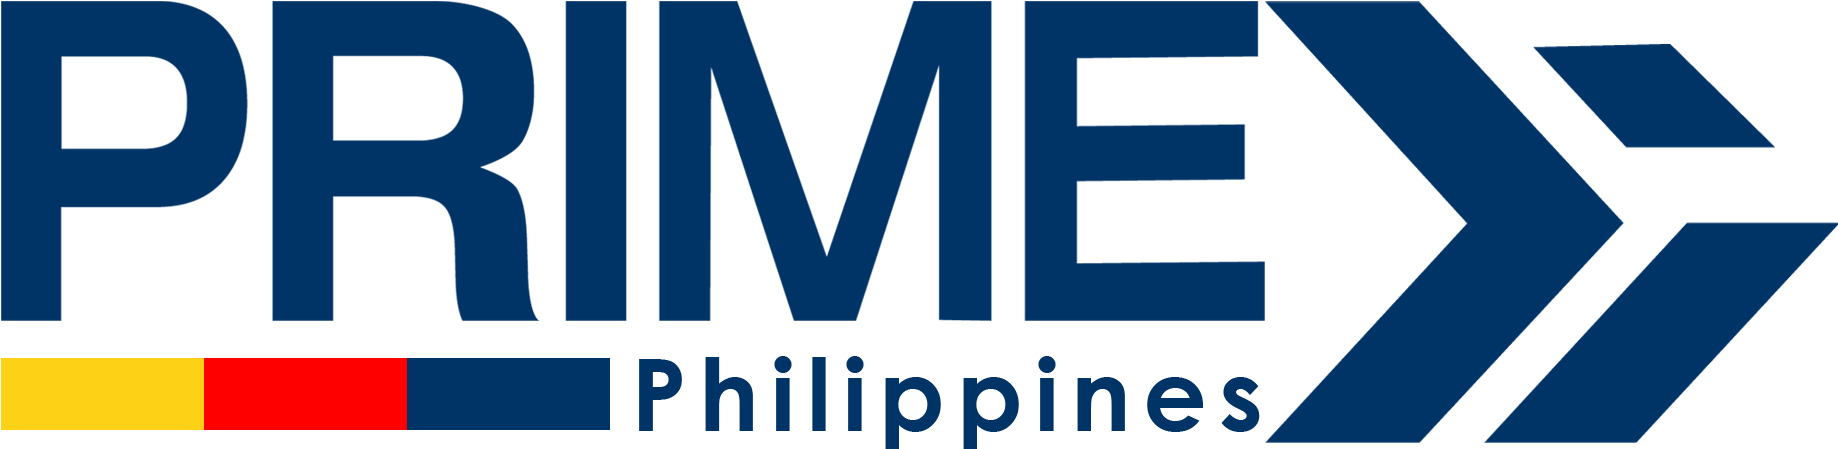 PRIME Philippines